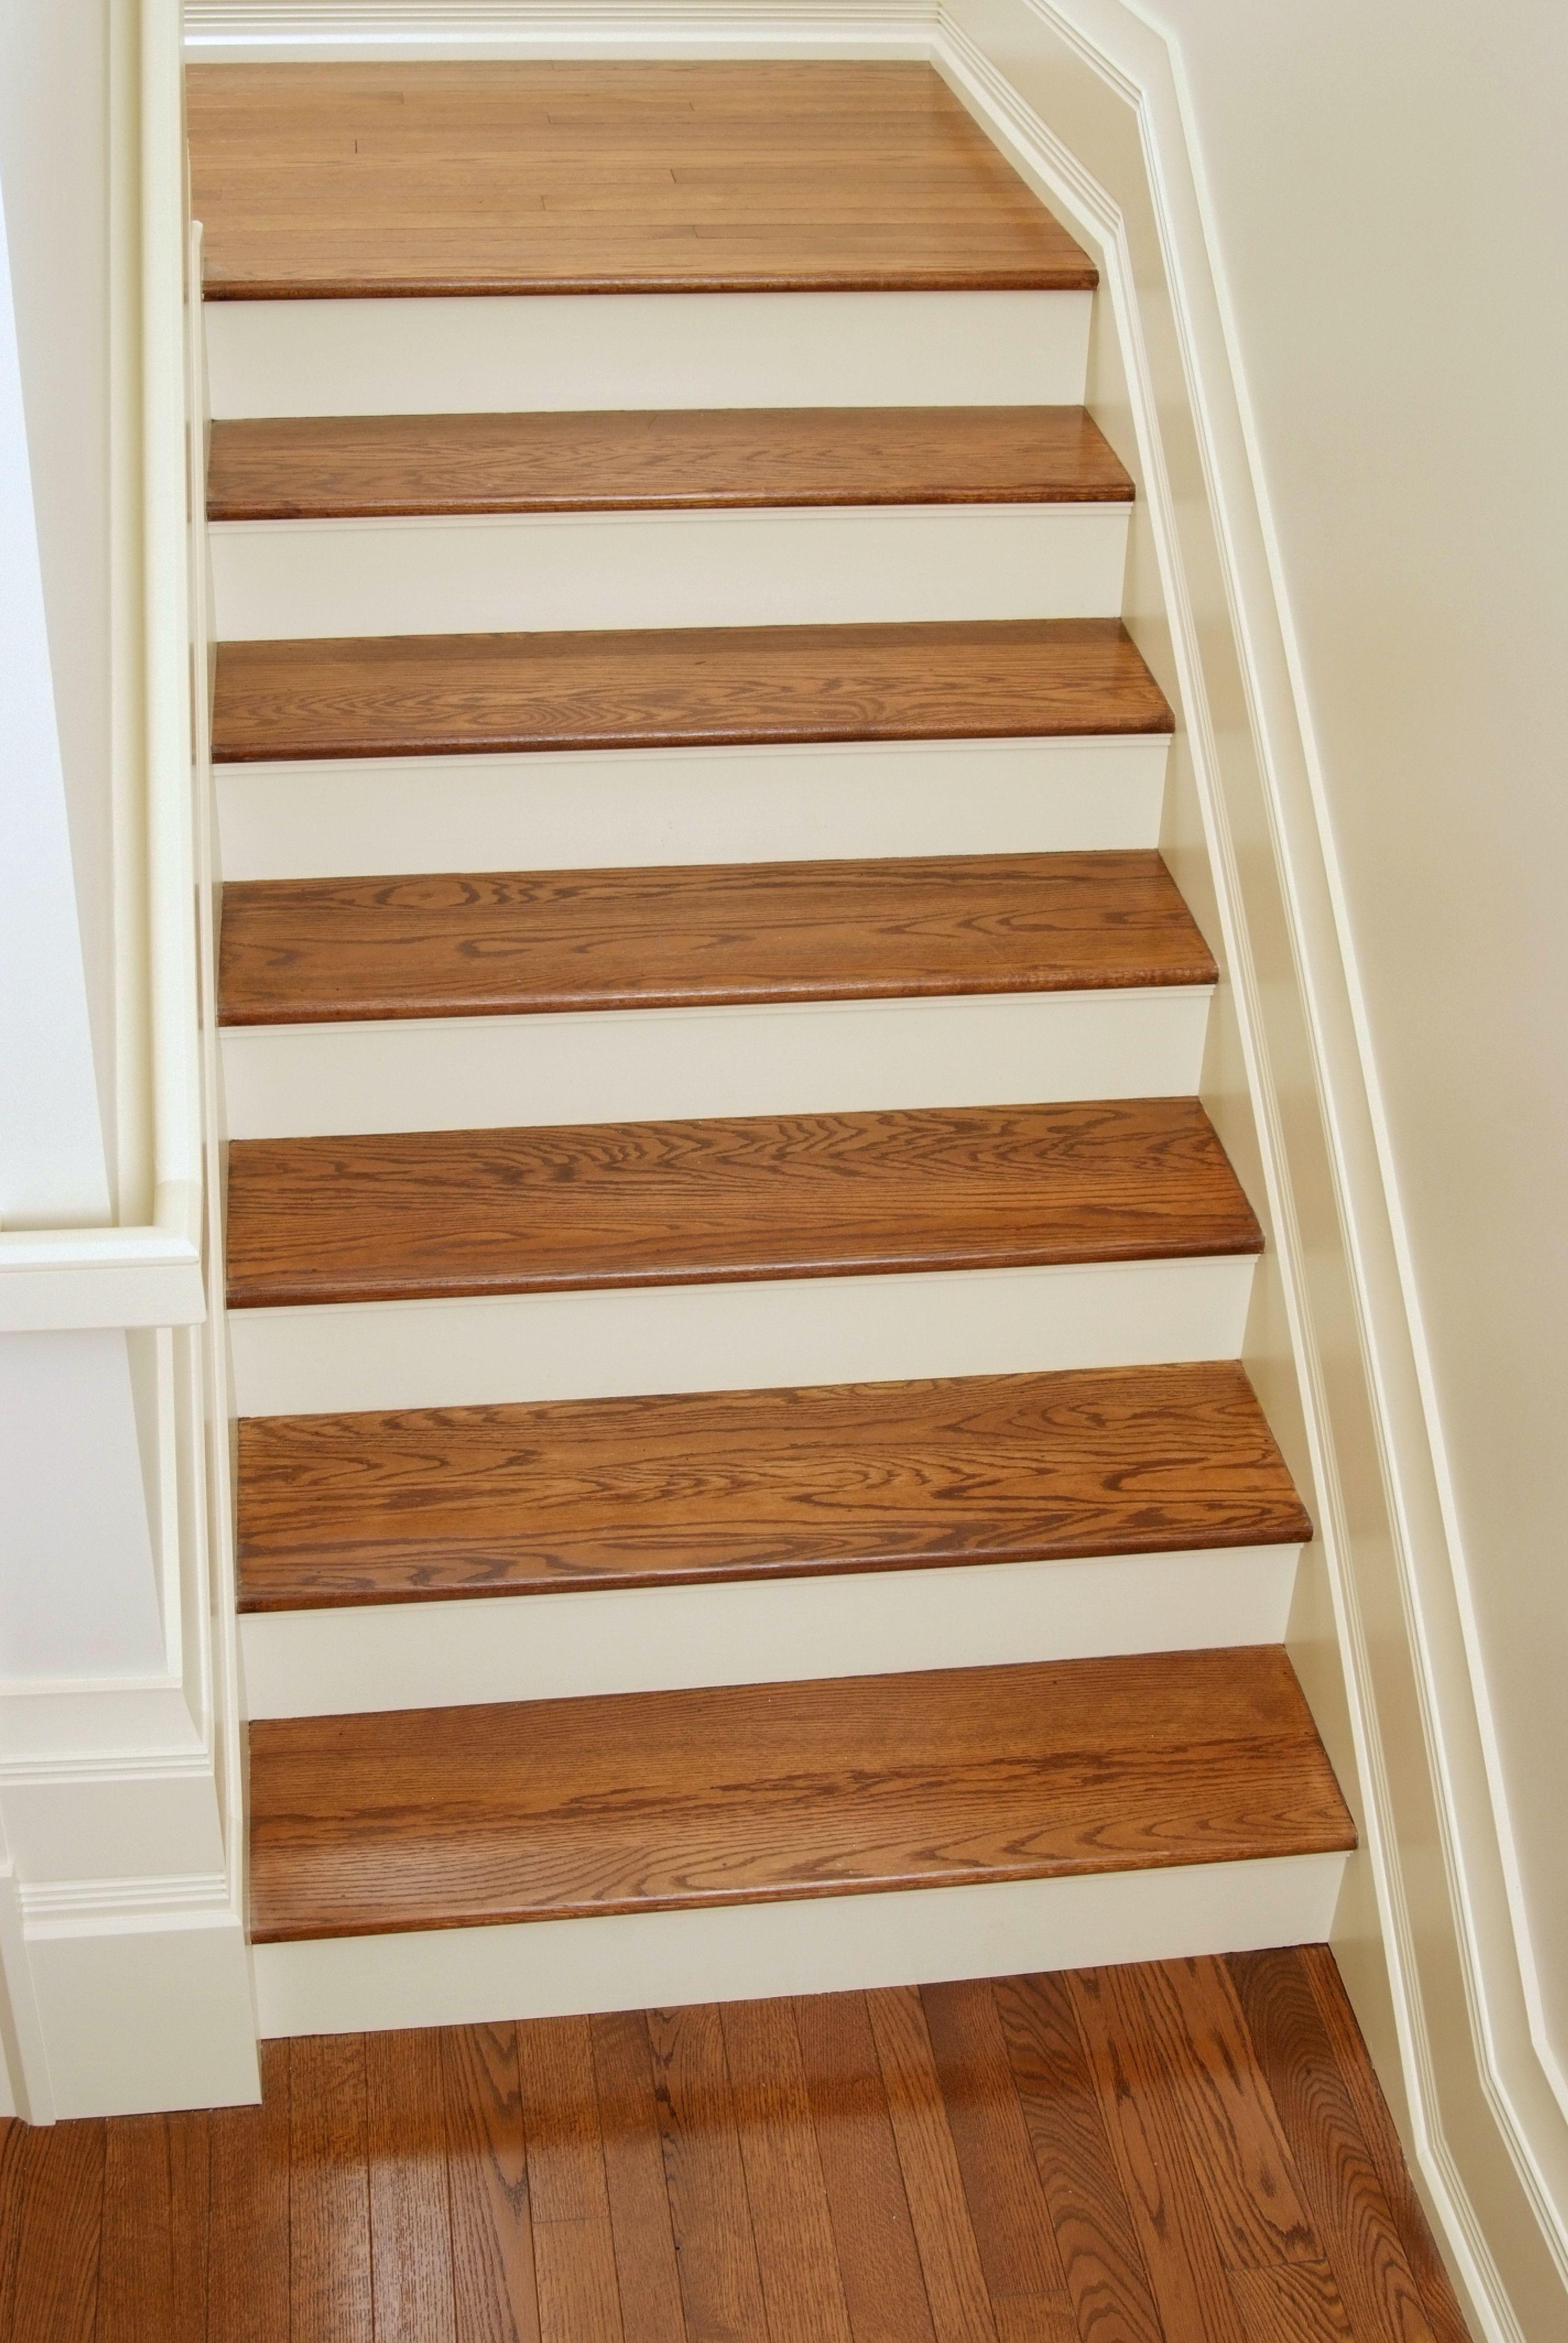 White Oak Stair Treads Wood Stair Treads Laminate Stairs Oak | Wood Floor Stair Treads | Brazilian Cherry | Stair Nosing | Oak Stair Risers | Vinyl Flooring | Carpet